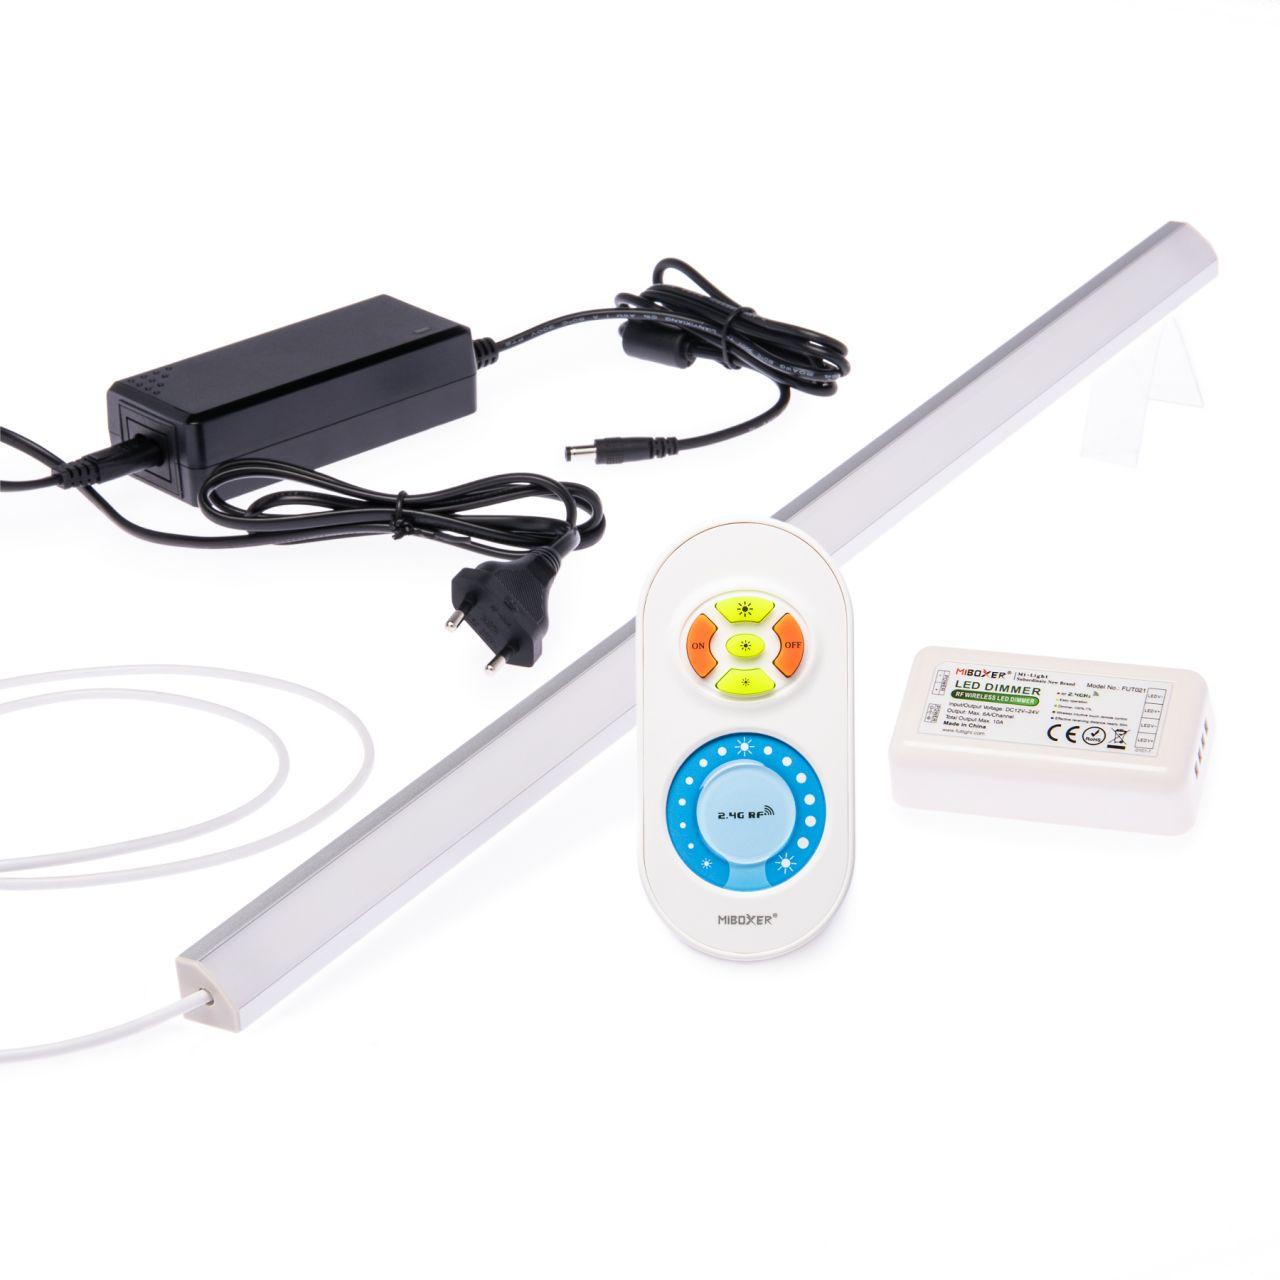 24V LED Eckleisten Set mit Fernbedienung und Netzteil, 98cm Länge, Lichtfarbe warmweiß